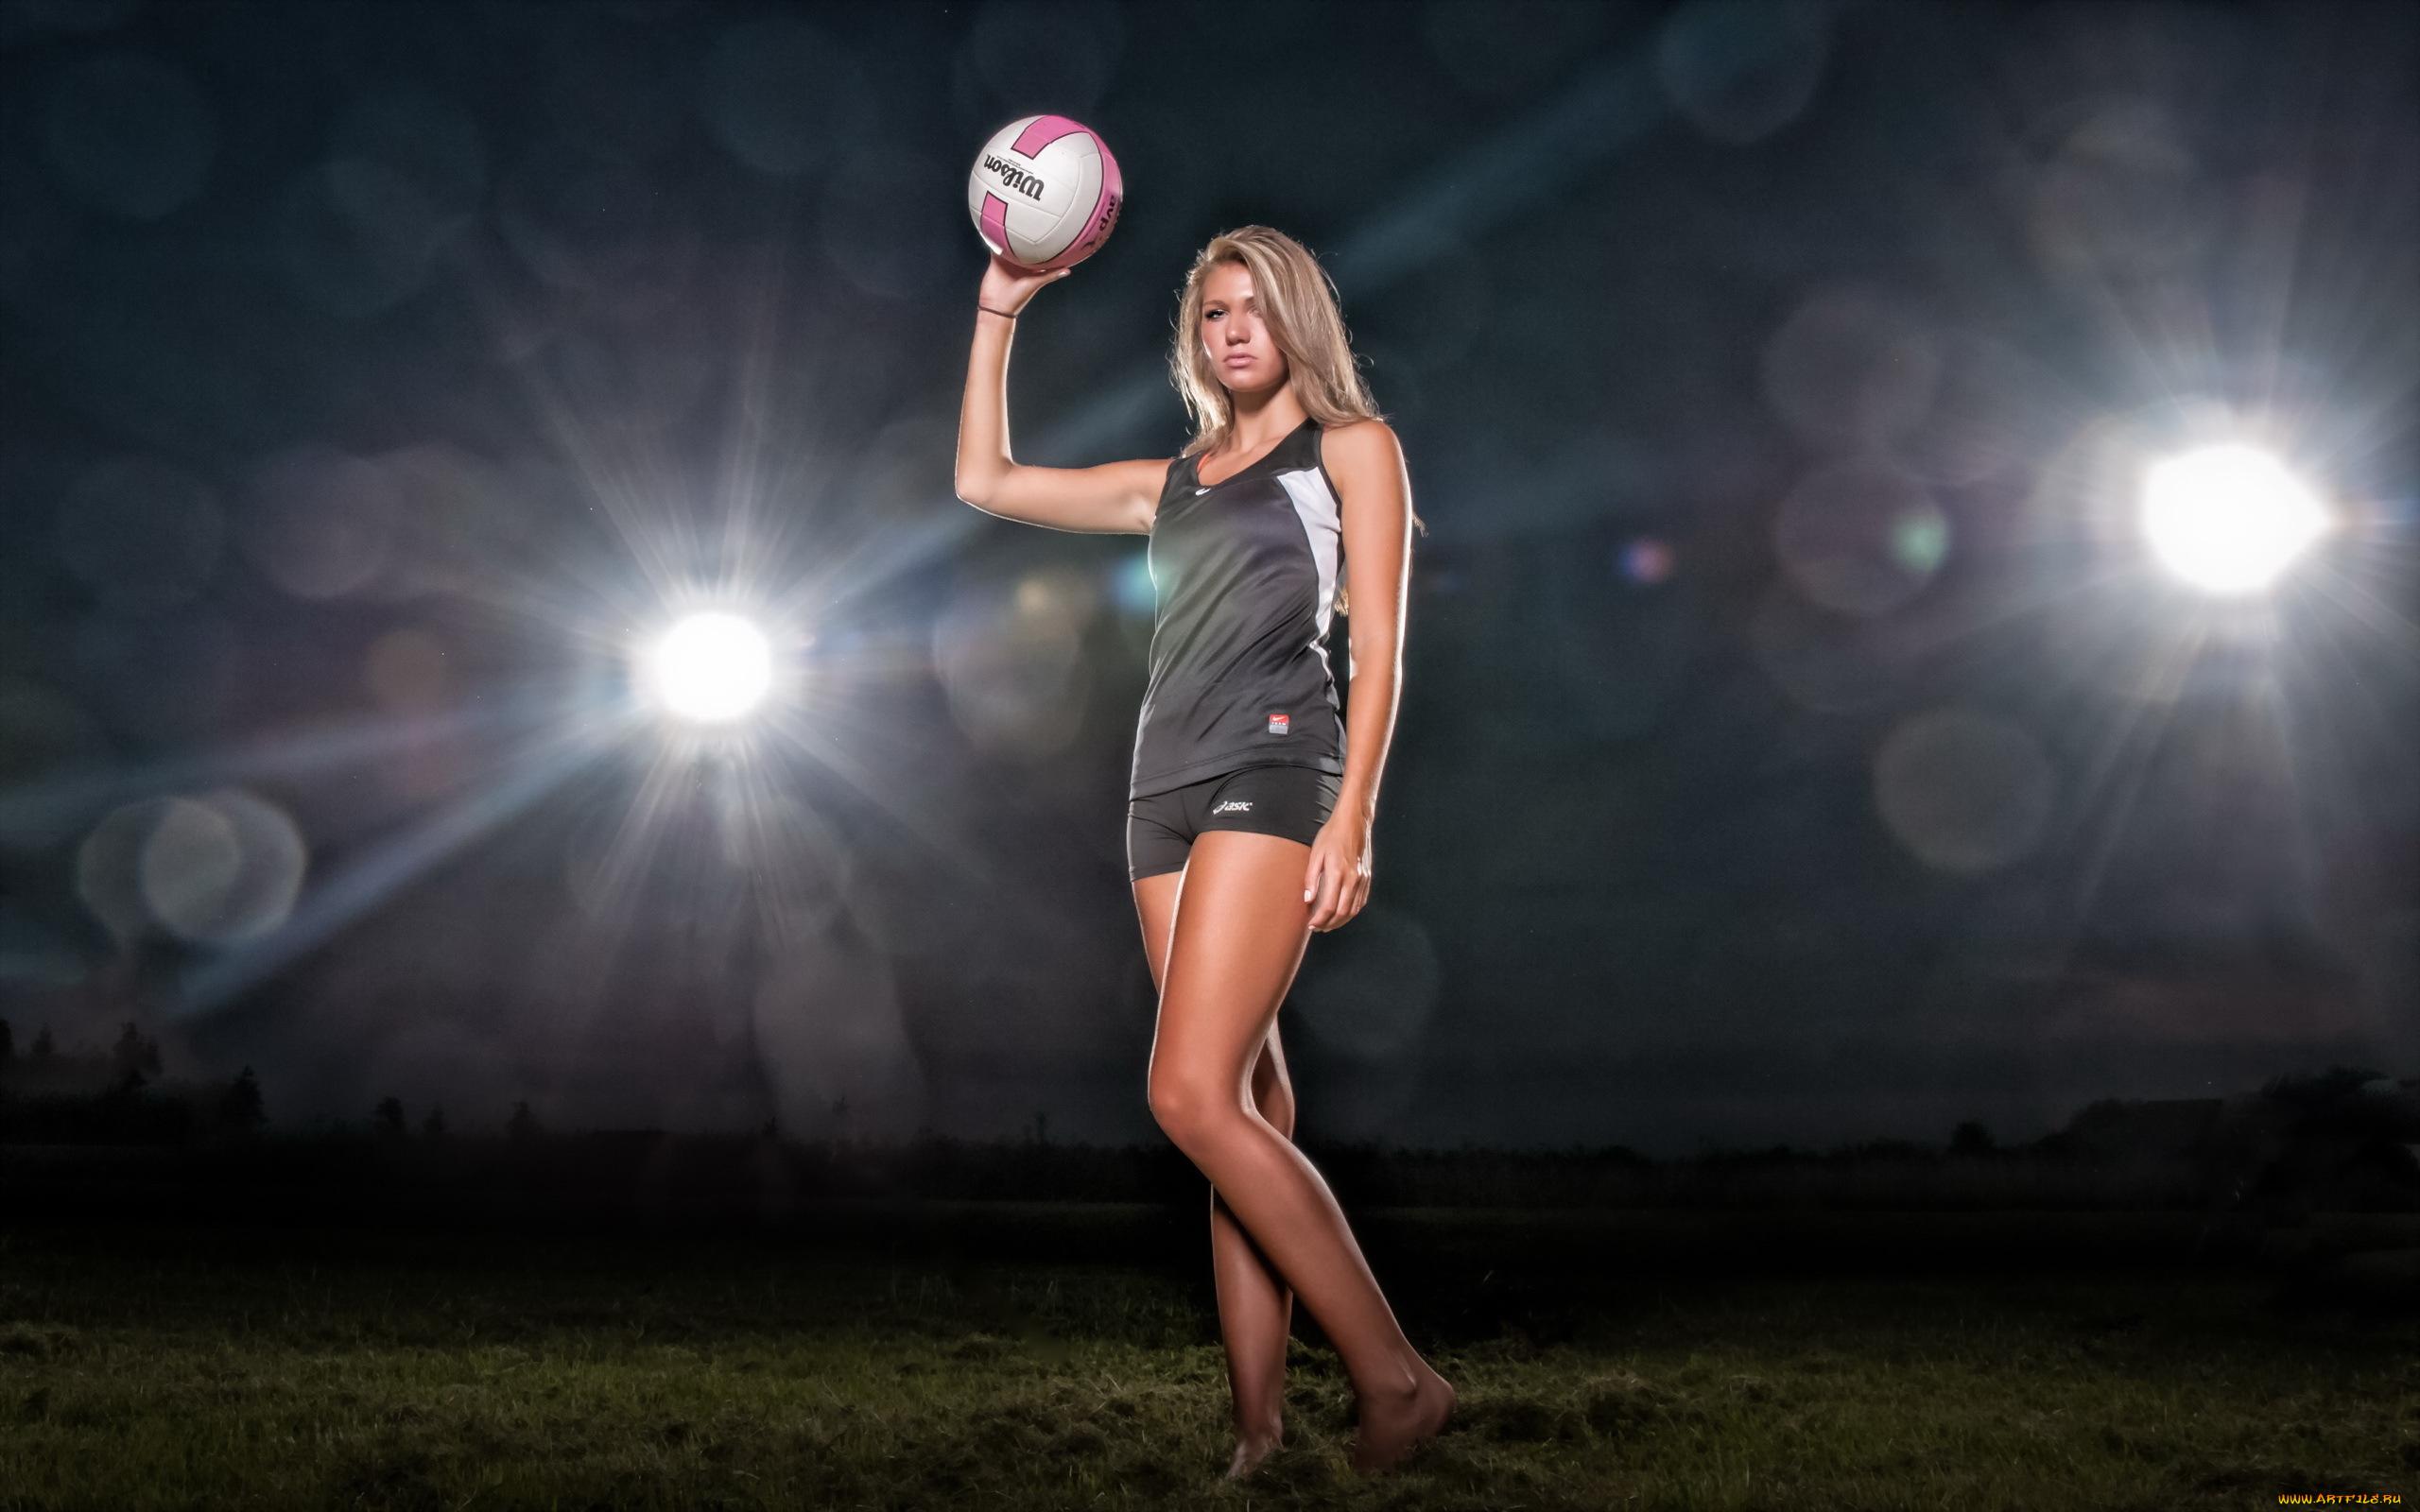 Голая девушка и большой мяч фото — img 3